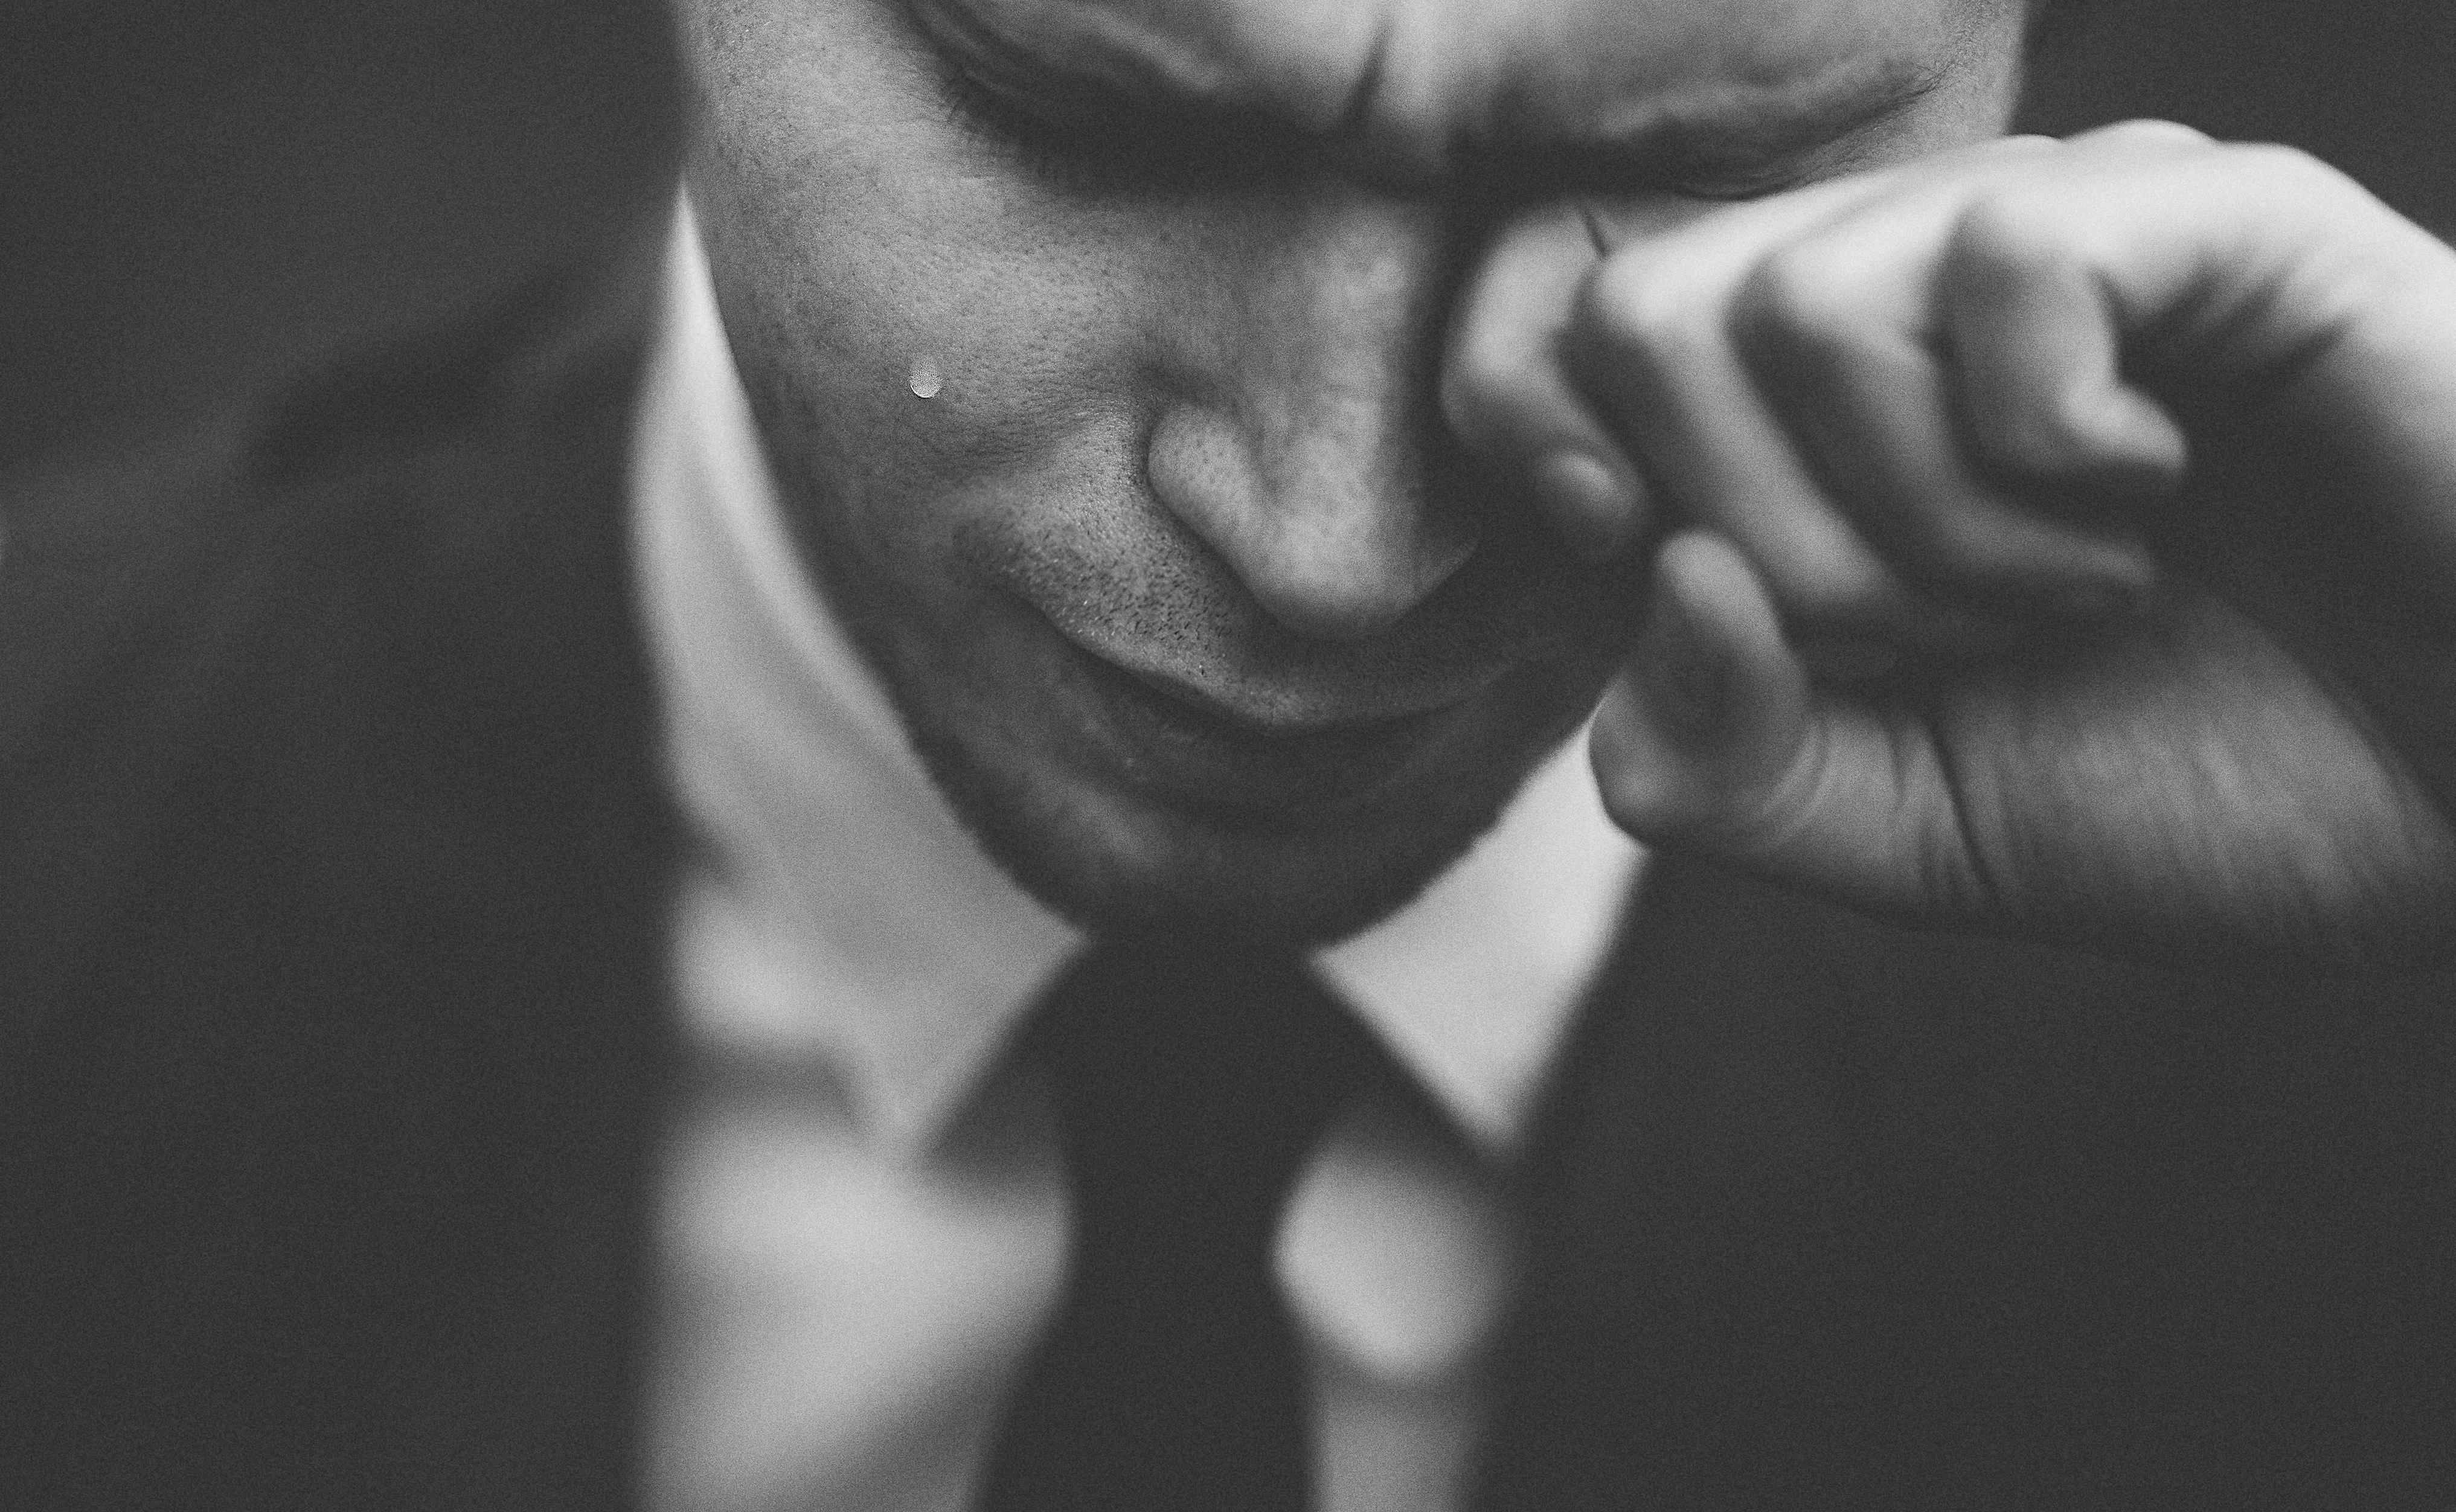 Il Counseling Aziendale per Gestire al Meglio le Emozioni al Lavoro